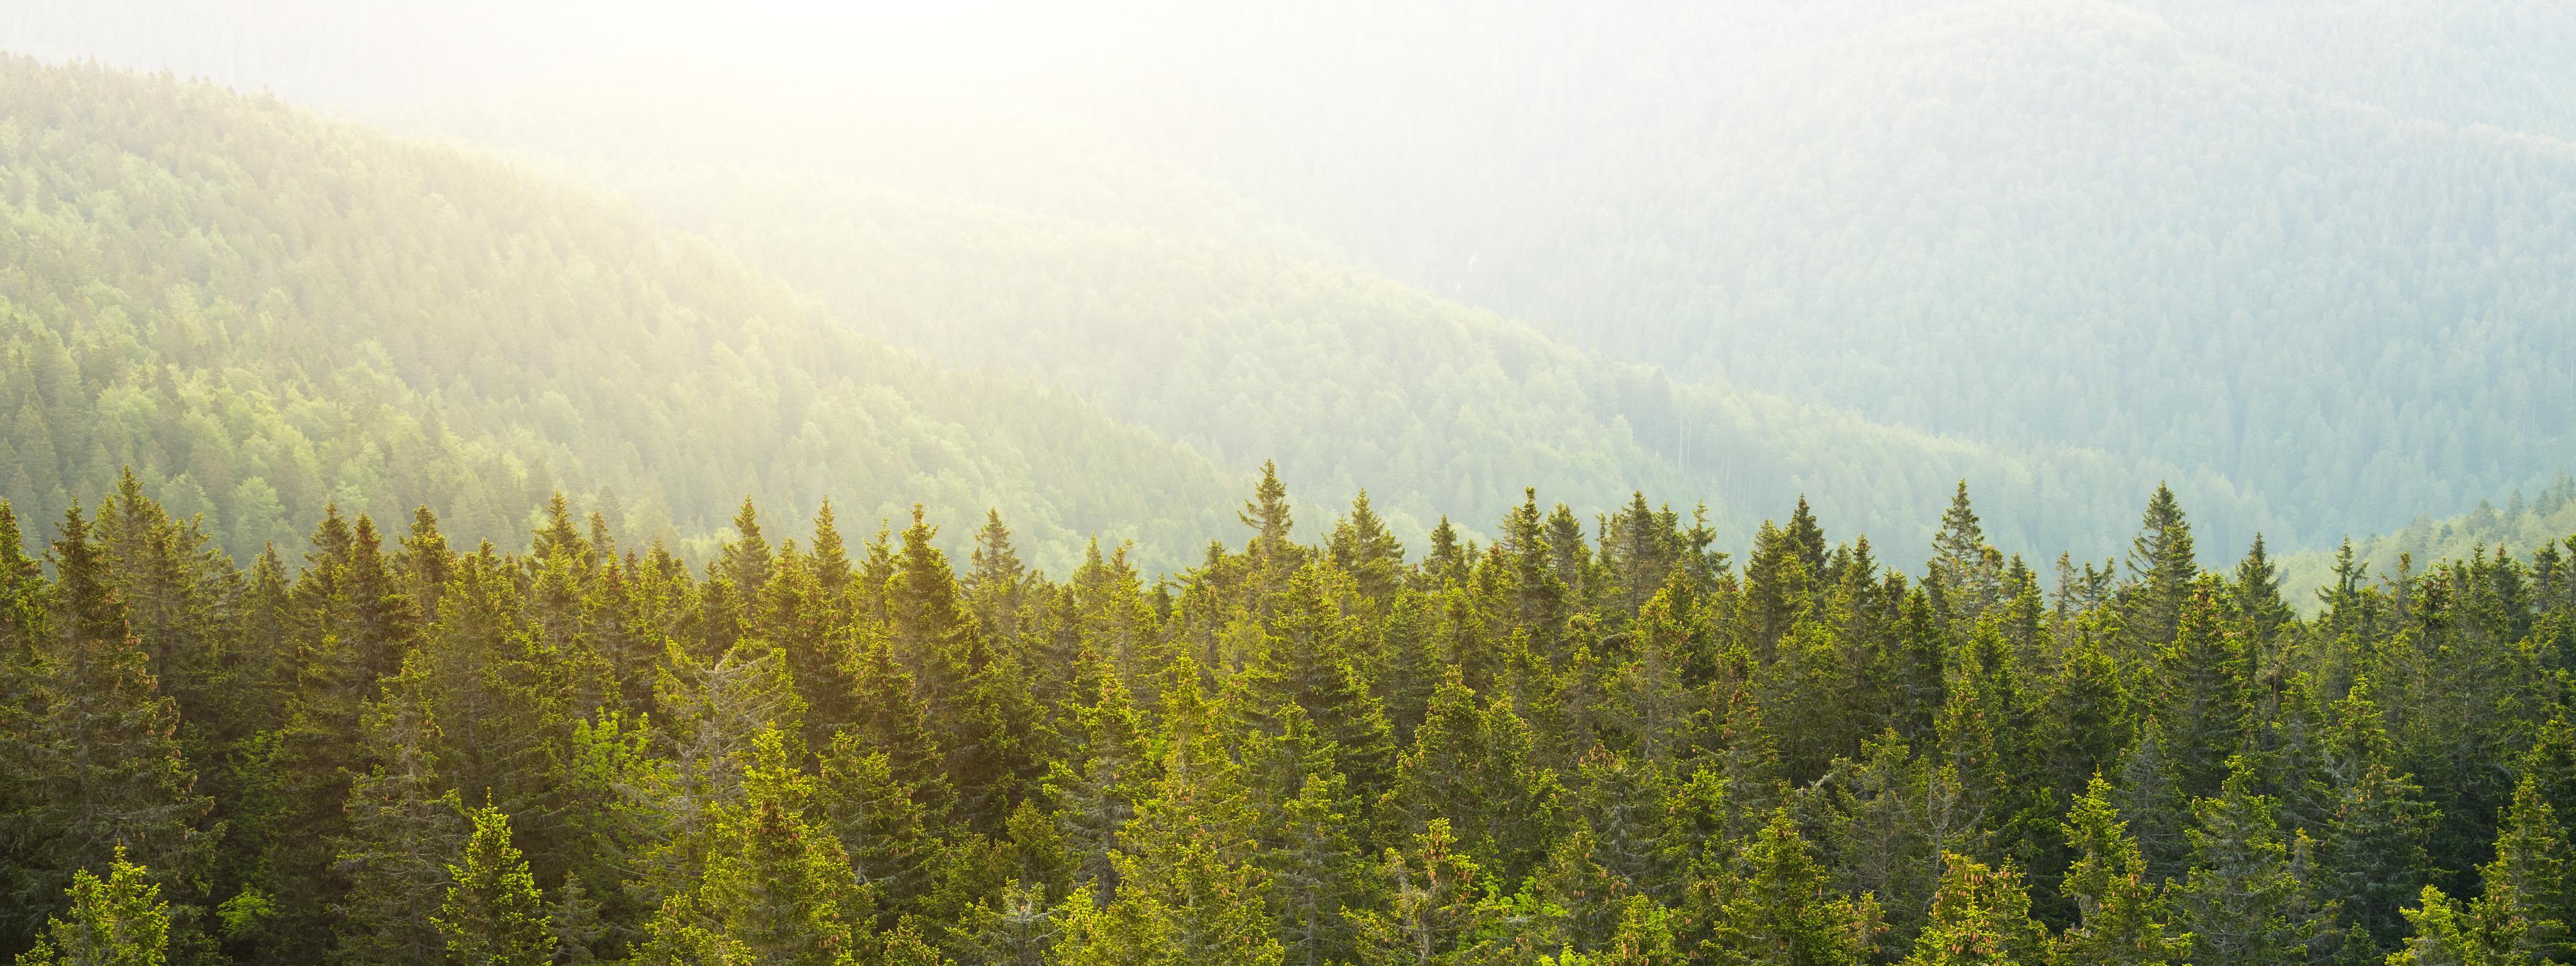 BRITA 願景 綠色森林